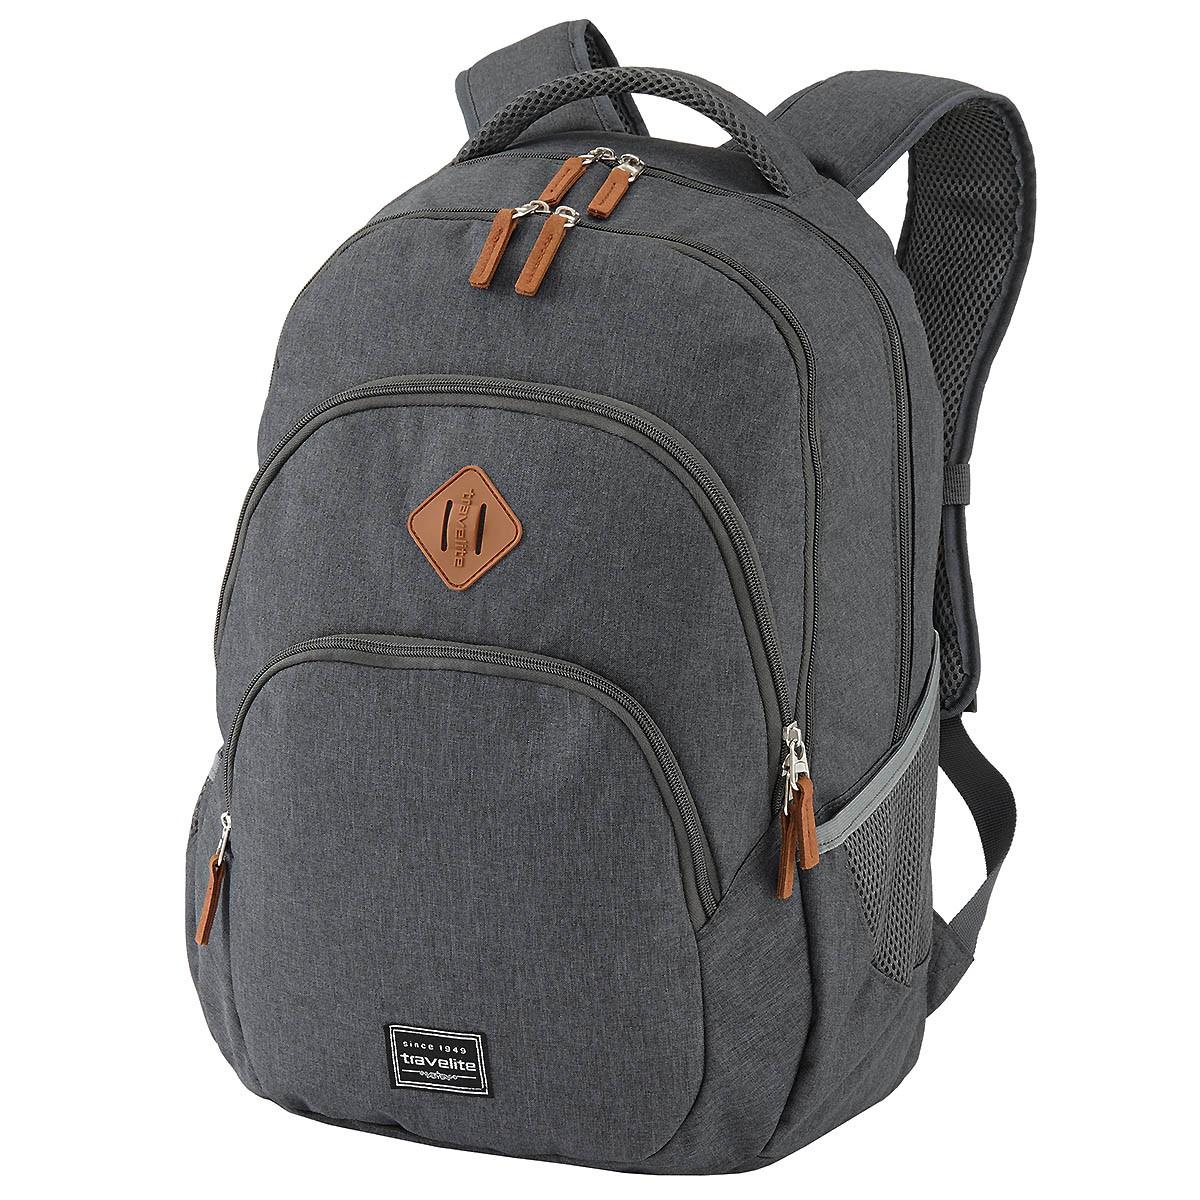 travelite rucksack mit laptopfach schulrucksack daypack 96308. Black Bedroom Furniture Sets. Home Design Ideas